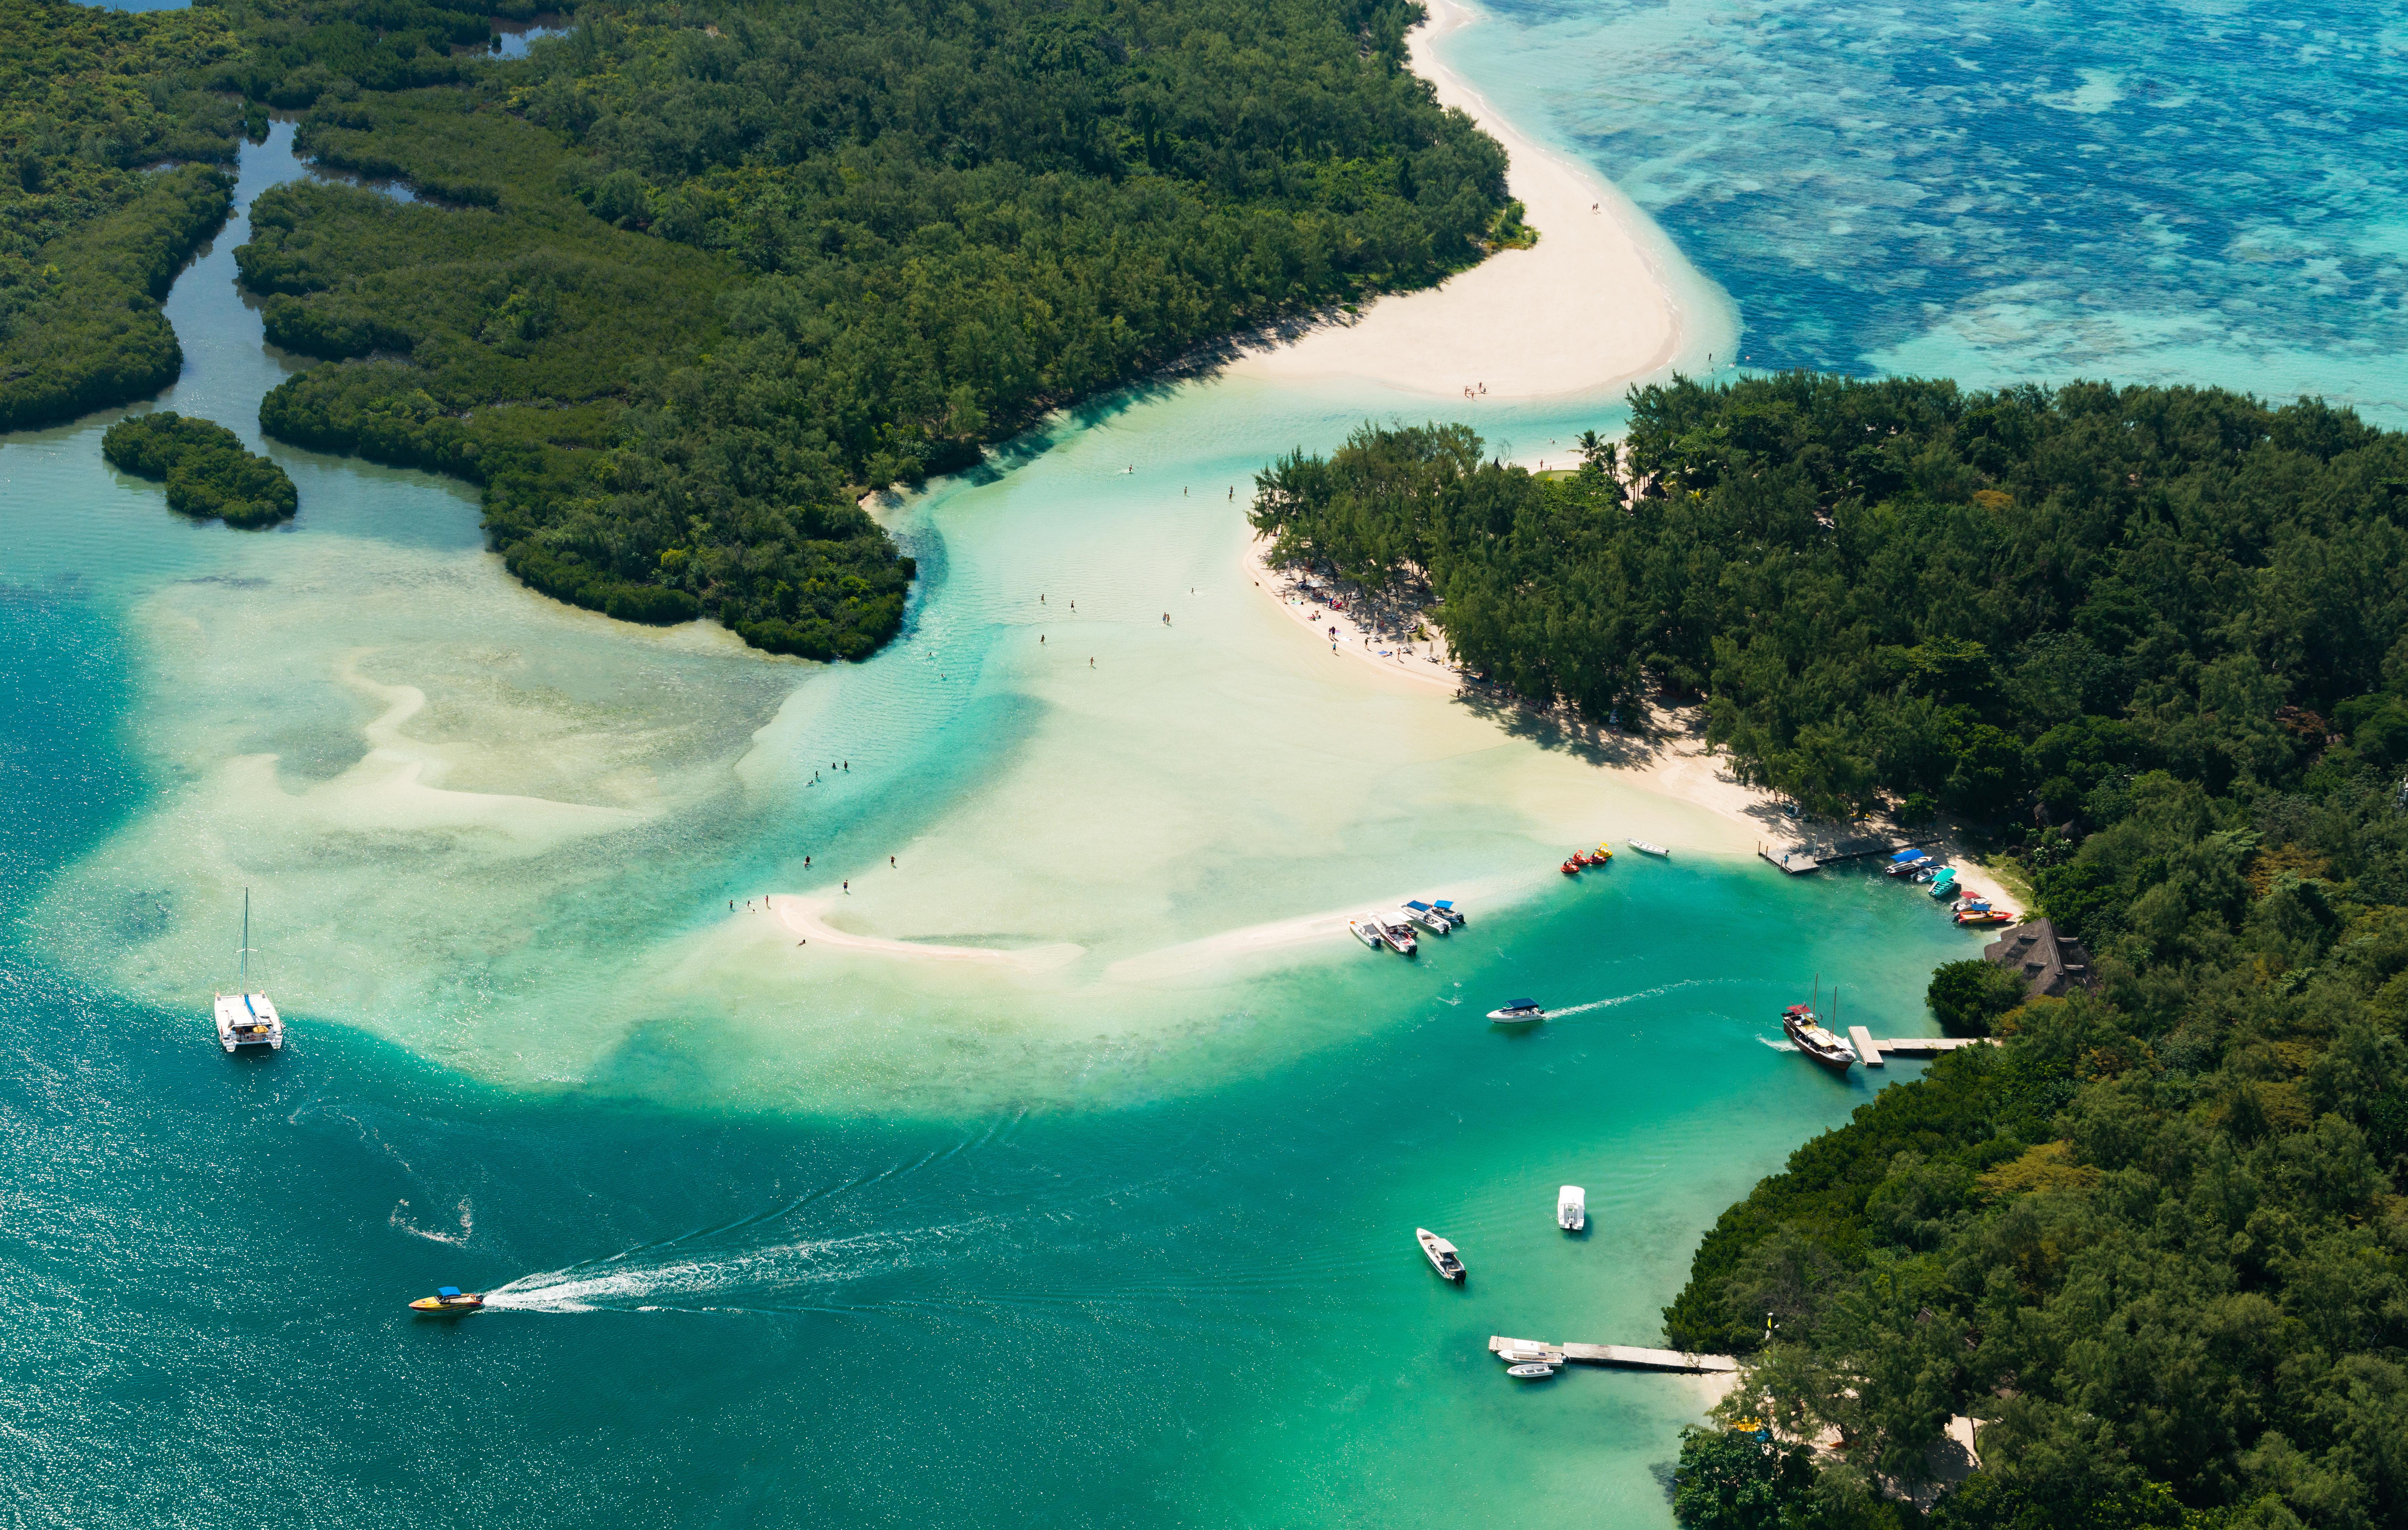 Île aux Cerfs es una isla privada cerca de la costa este de Mauricio en el distrito de Flacq. Todos los días, mauricianos y turistas visitan la isla; salen en botes desde el pueblo de Trou d'Eau Douce y pasan el día en la isla